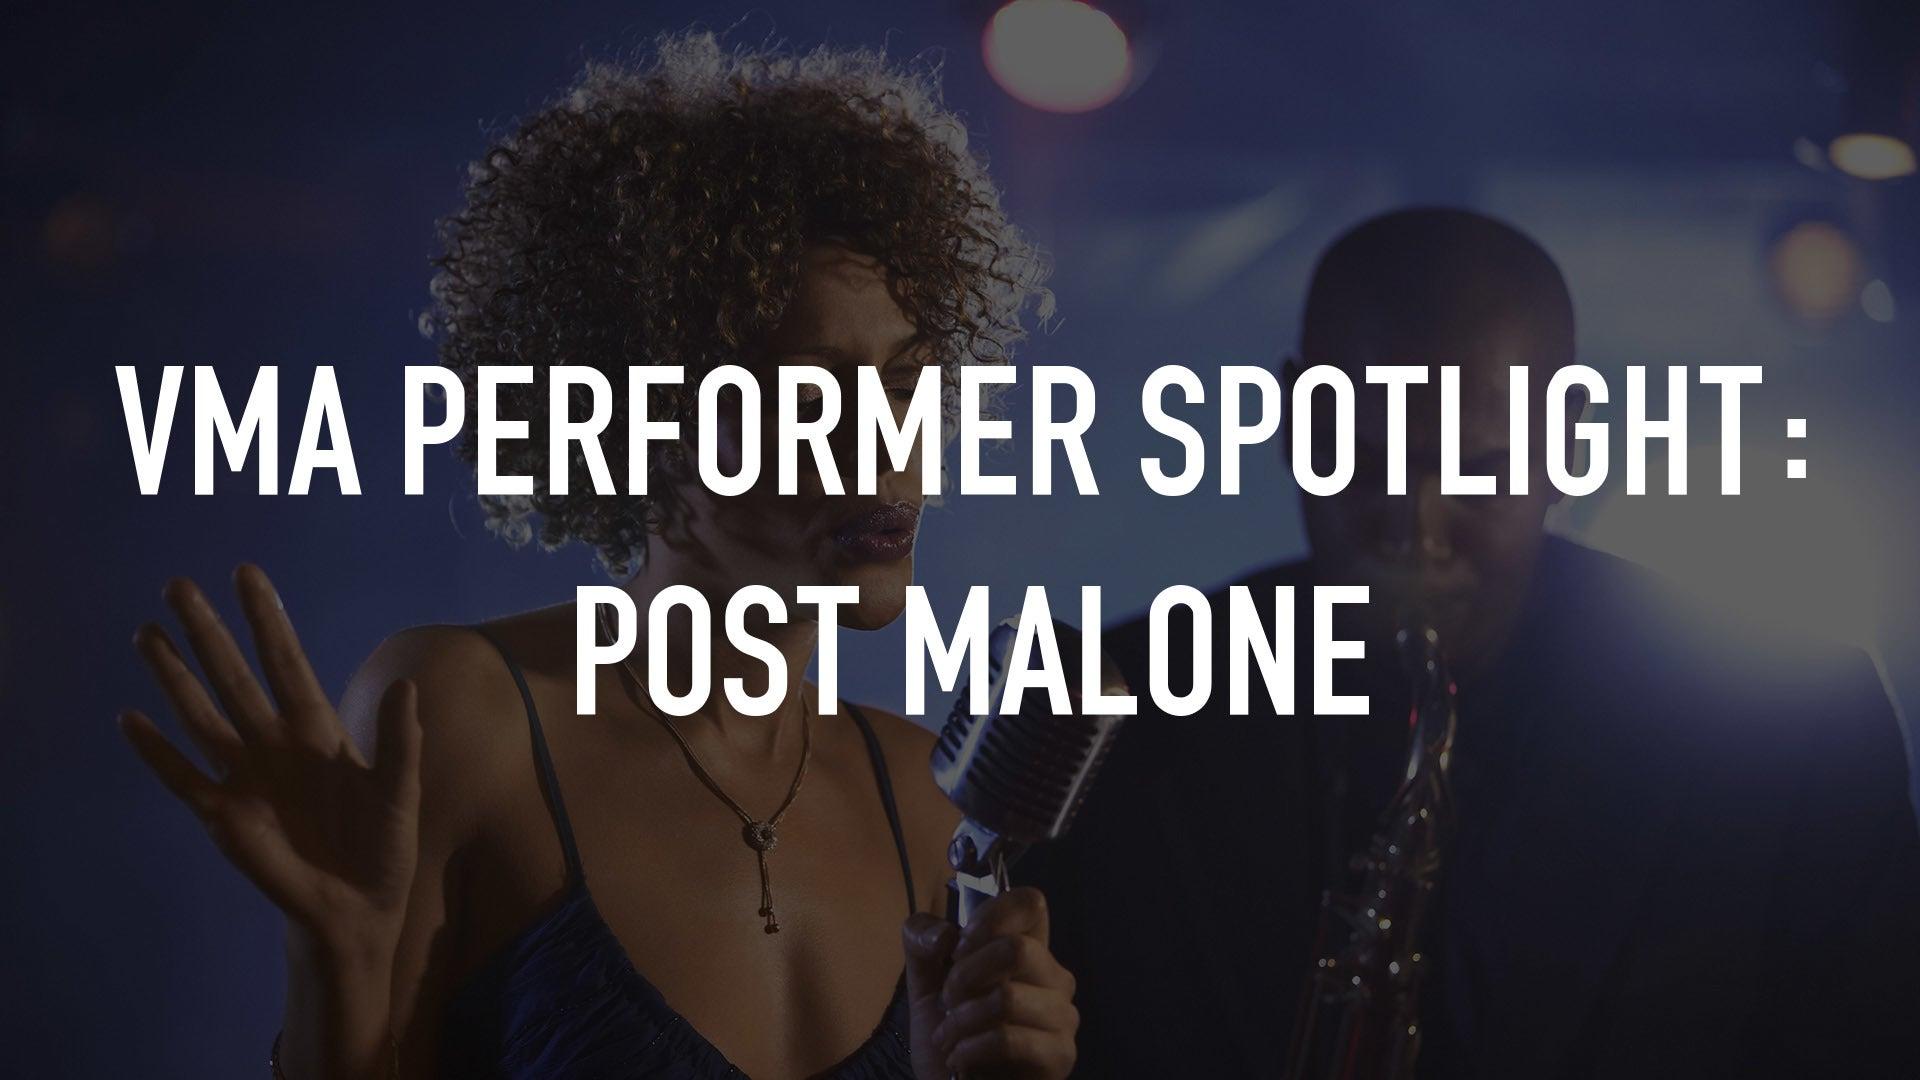 VMA Performer Spotlight: Post Malone